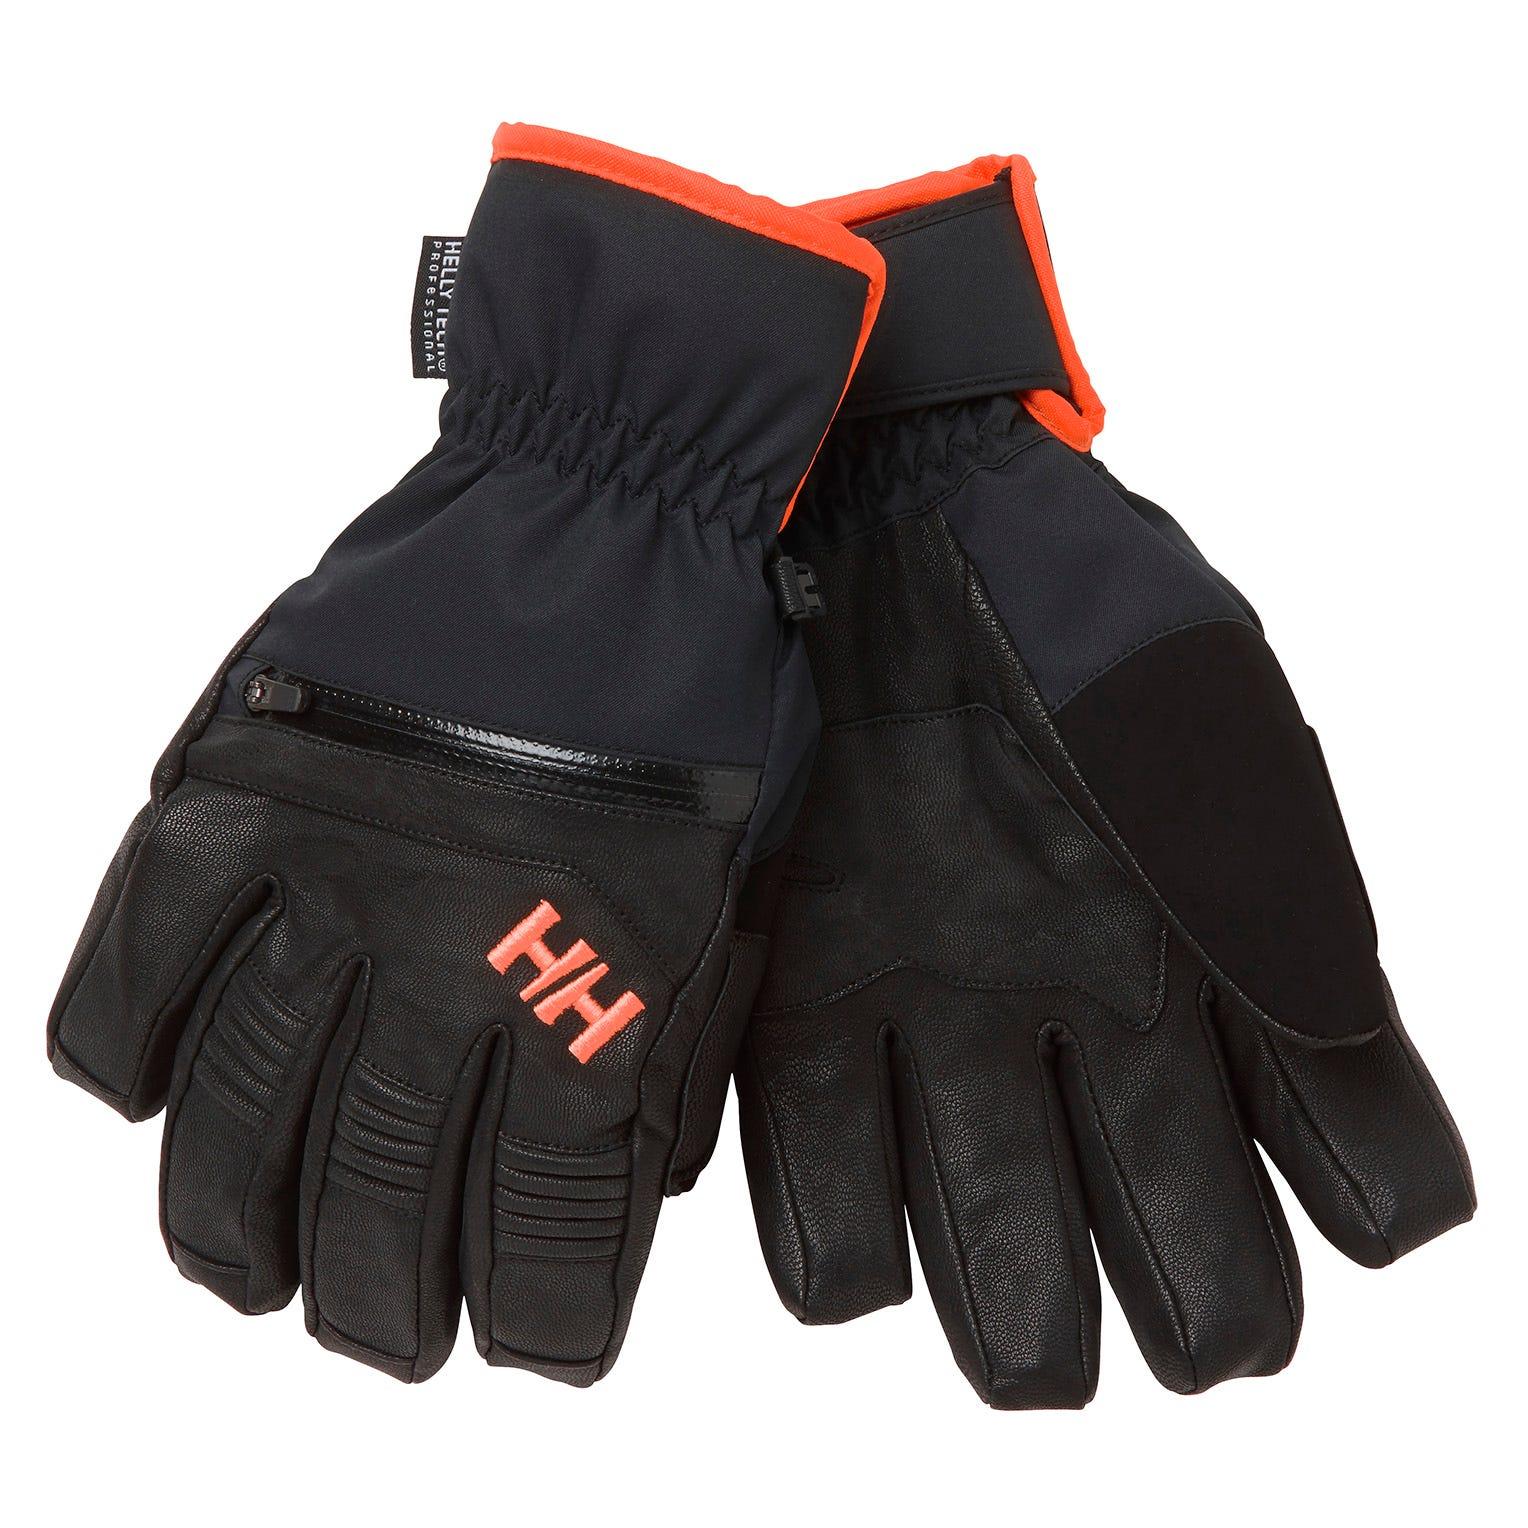 Helly Hansen Unisex Alpha Warm Tech Ski Gloves   M Black